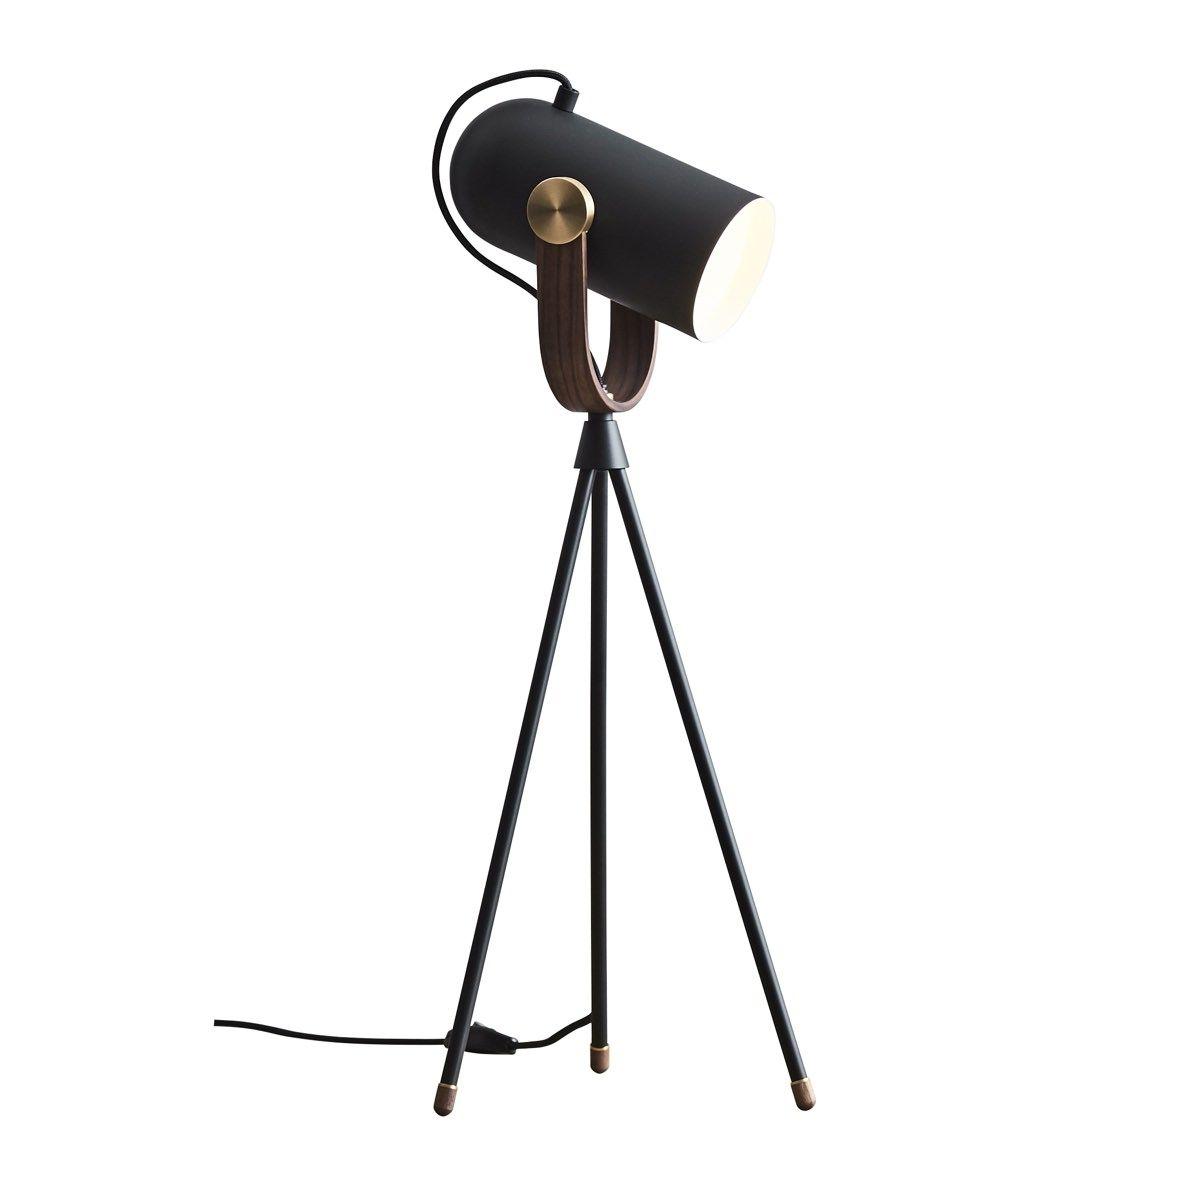 Le Klint Carronade High Table Light